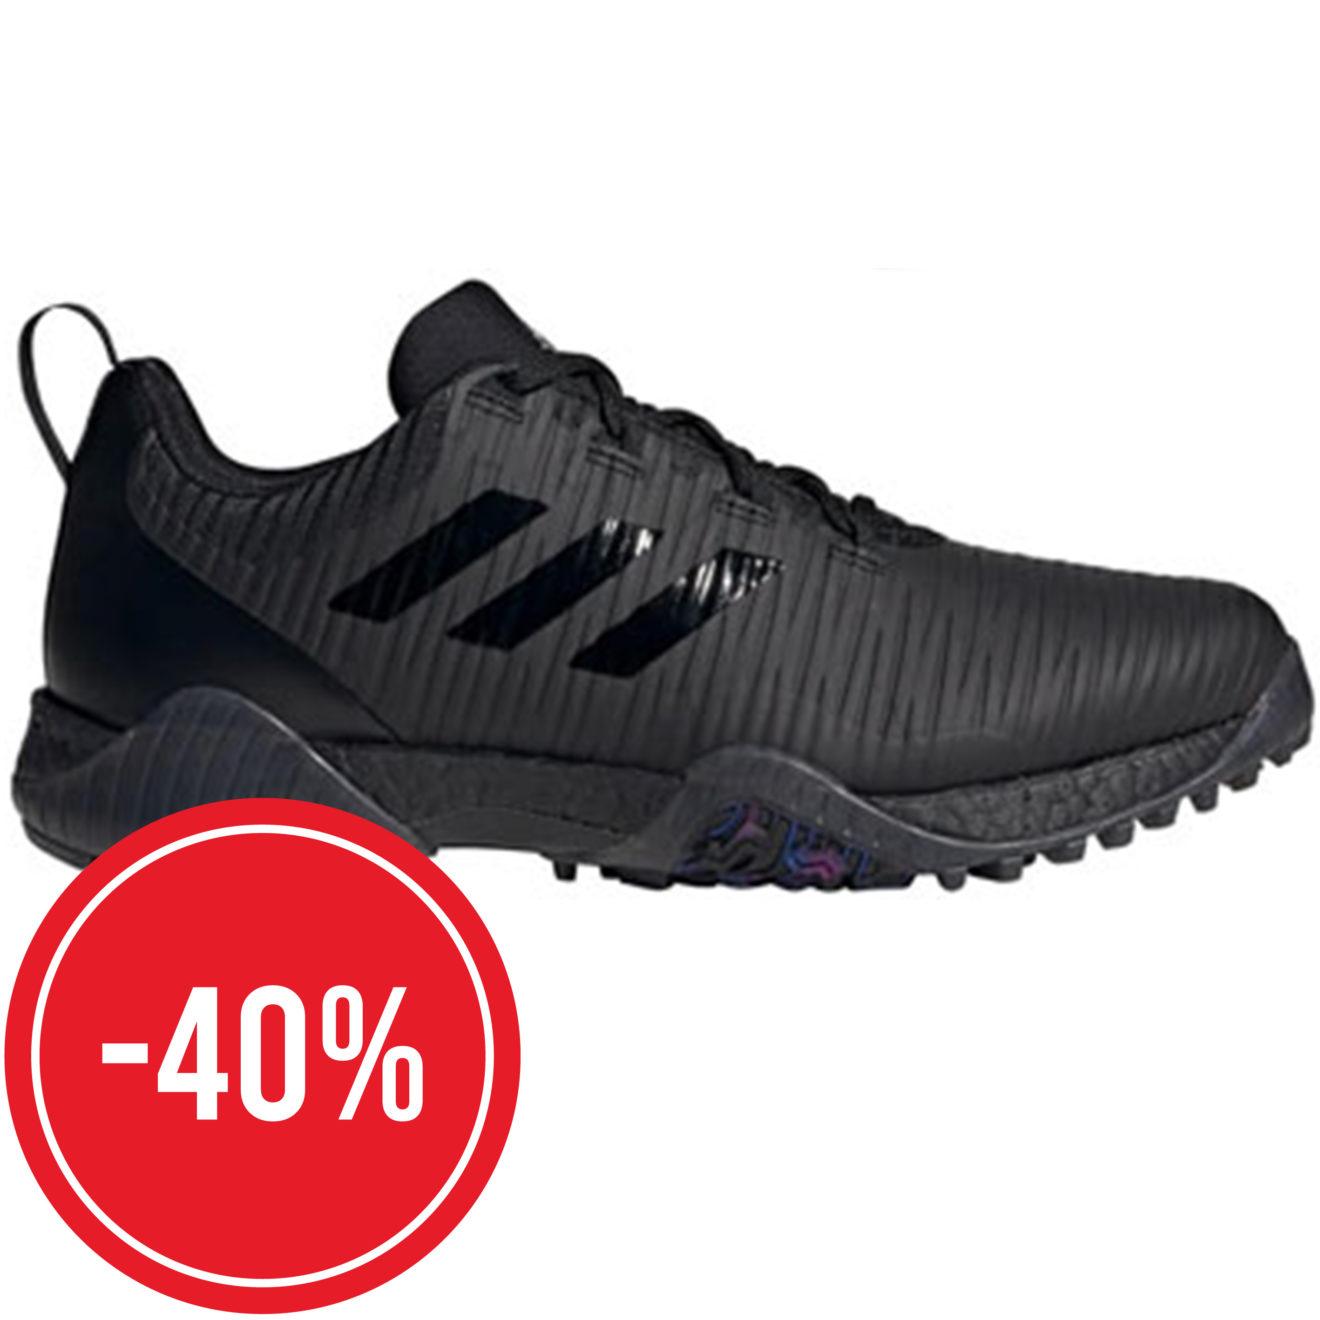 chaussures-codechaos-noir-40